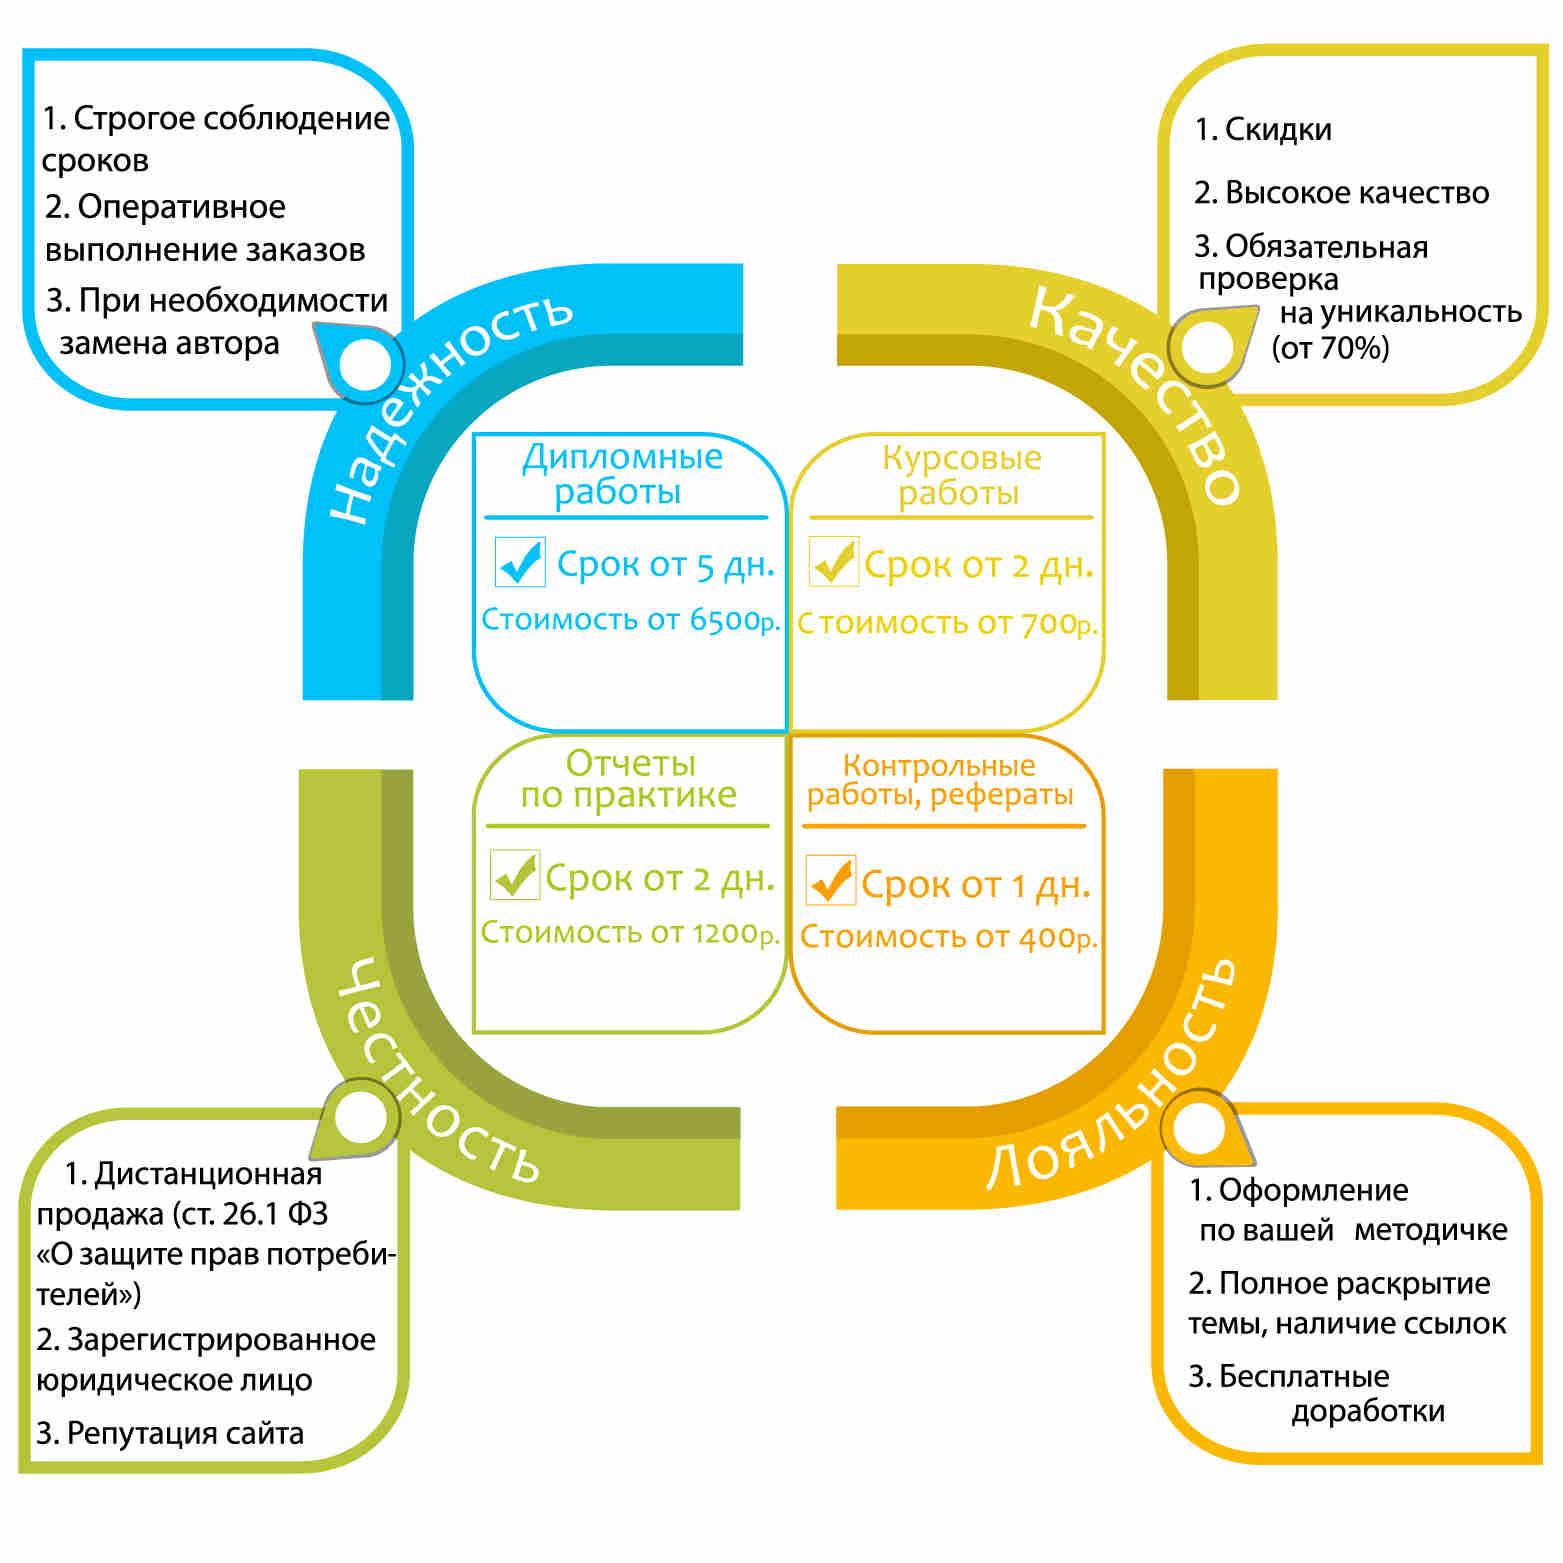 Качественный доклад к дипломной работе или презентация к диплому  презентация к диплому